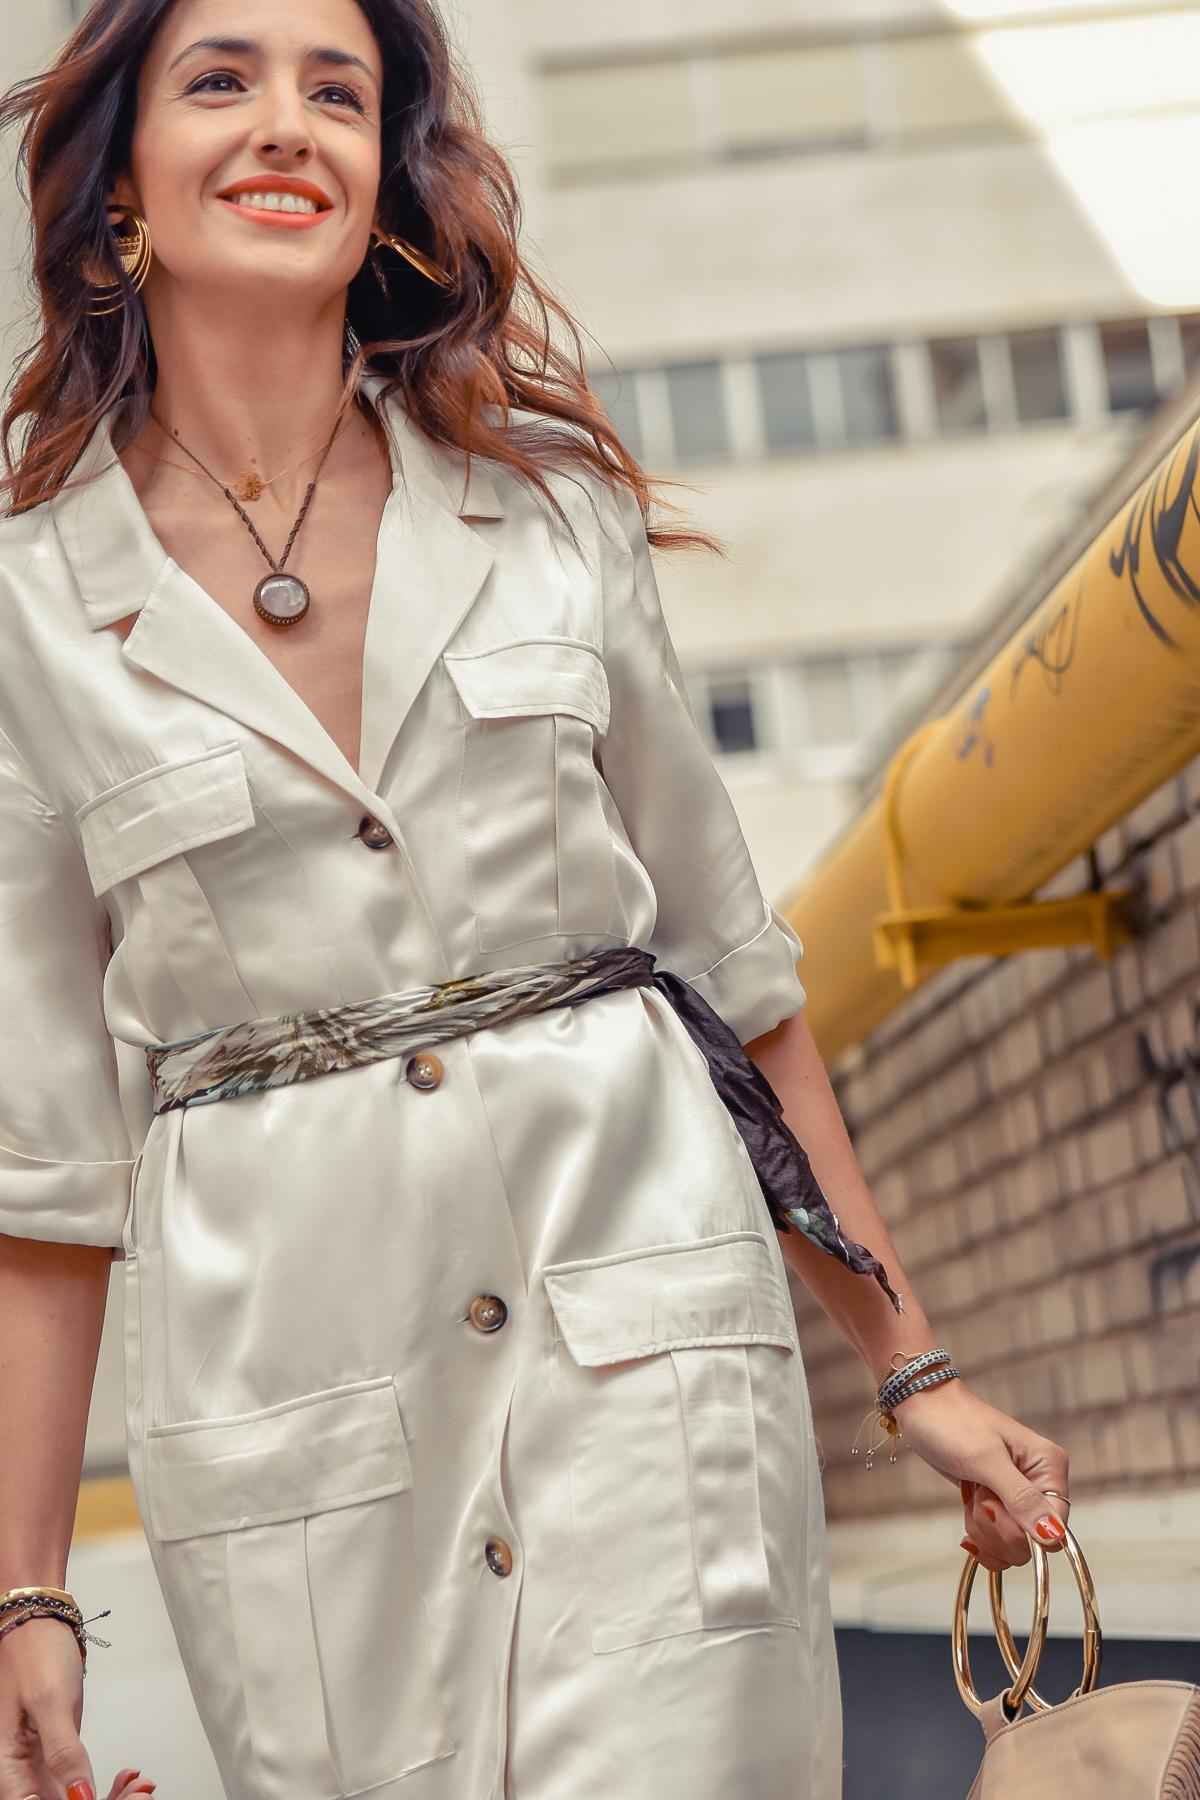 el-blog-de-silvia-look-safari-vestido-beige-botines-animal-print-08